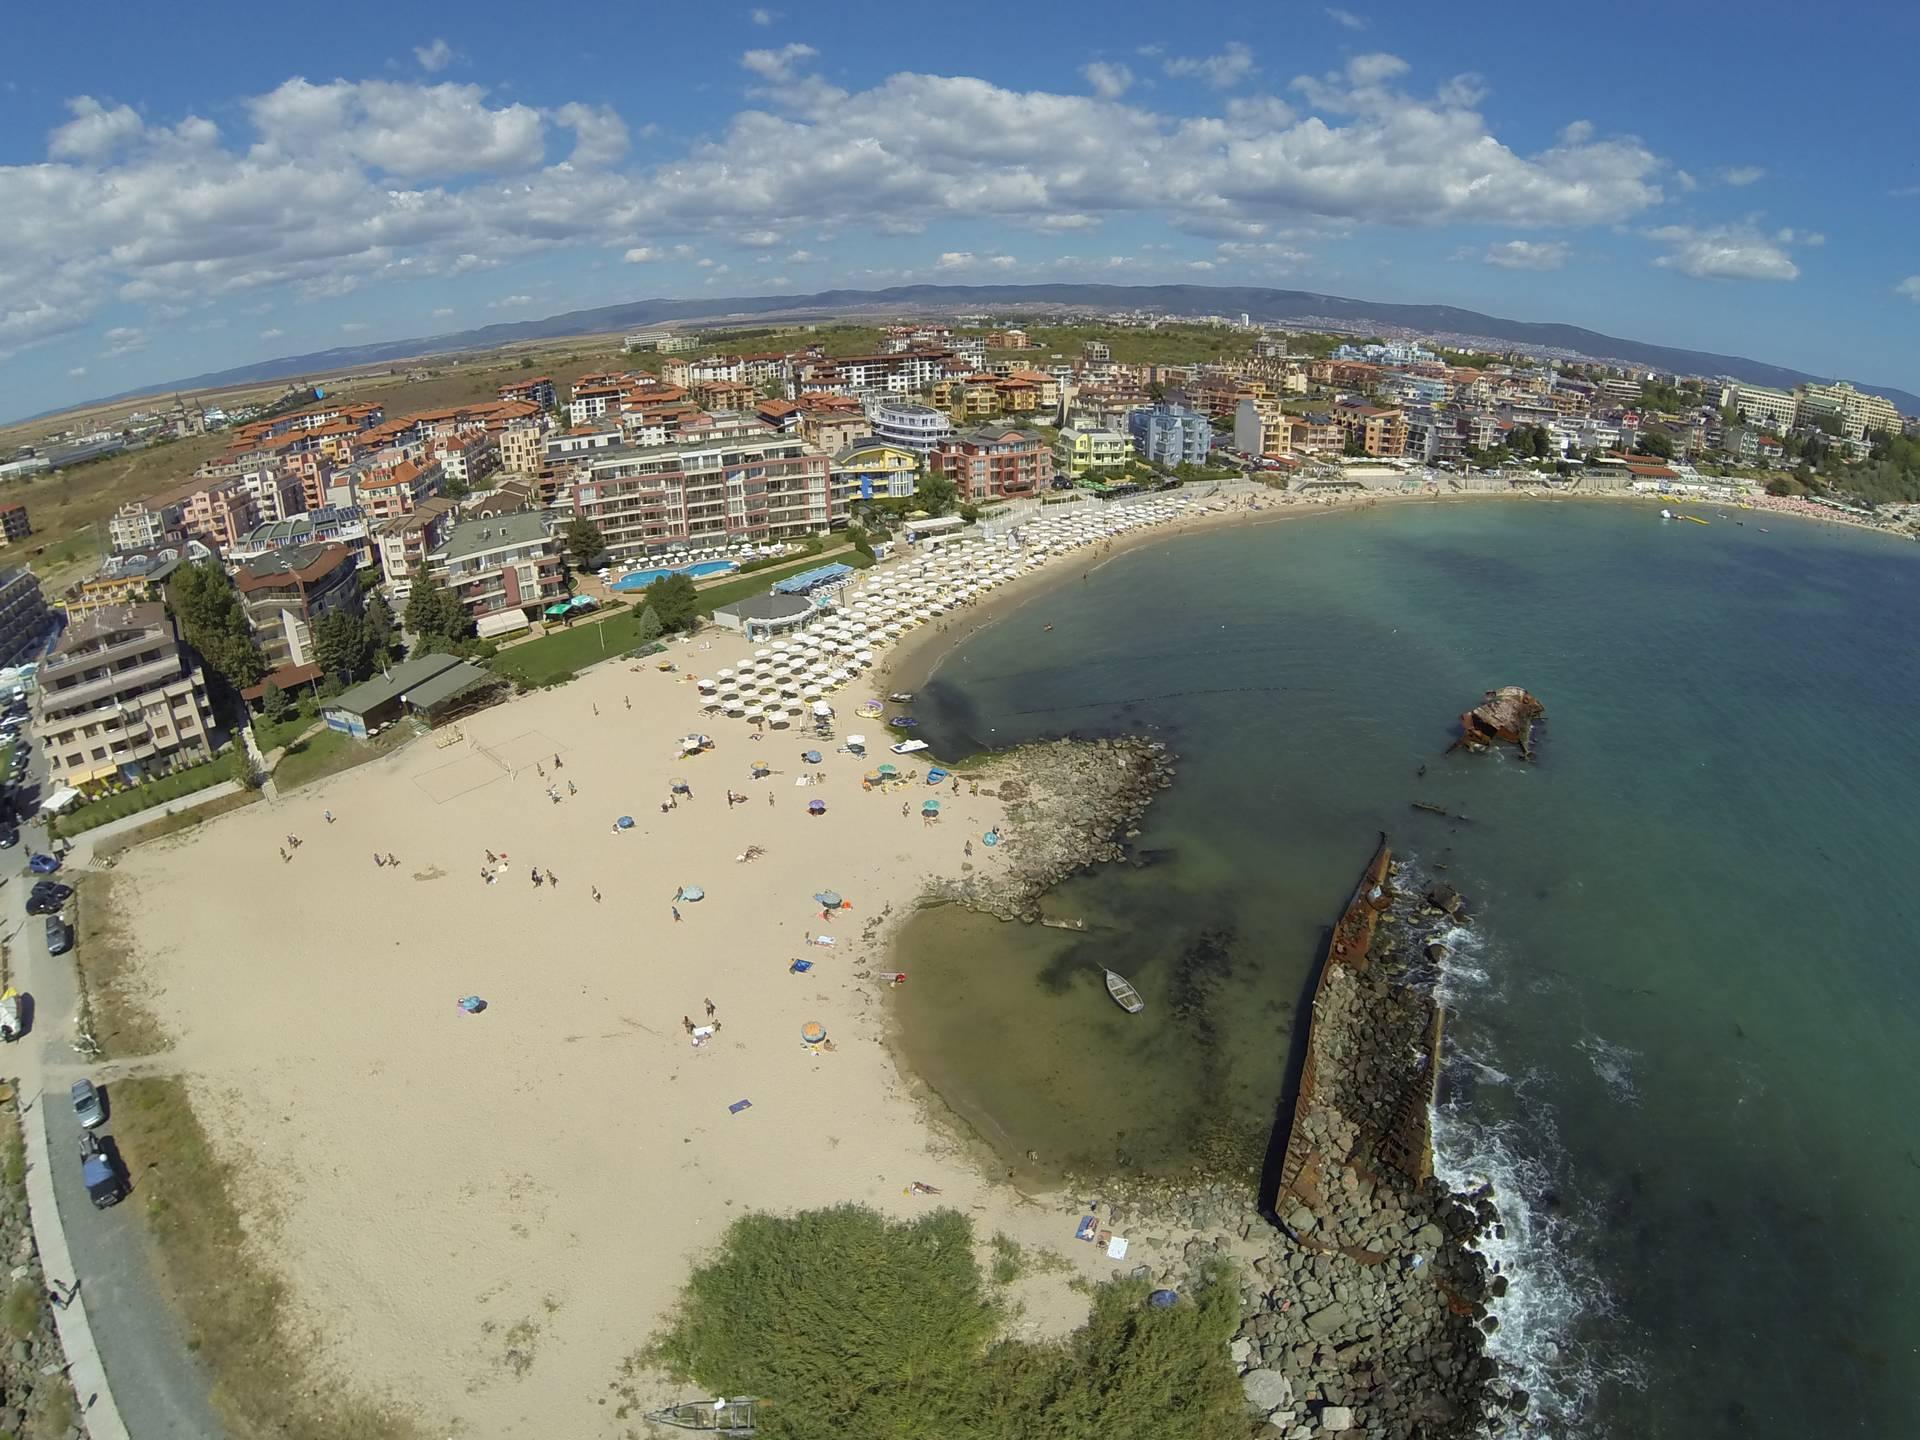 правильно для несебр болгария фото пляжа всегда